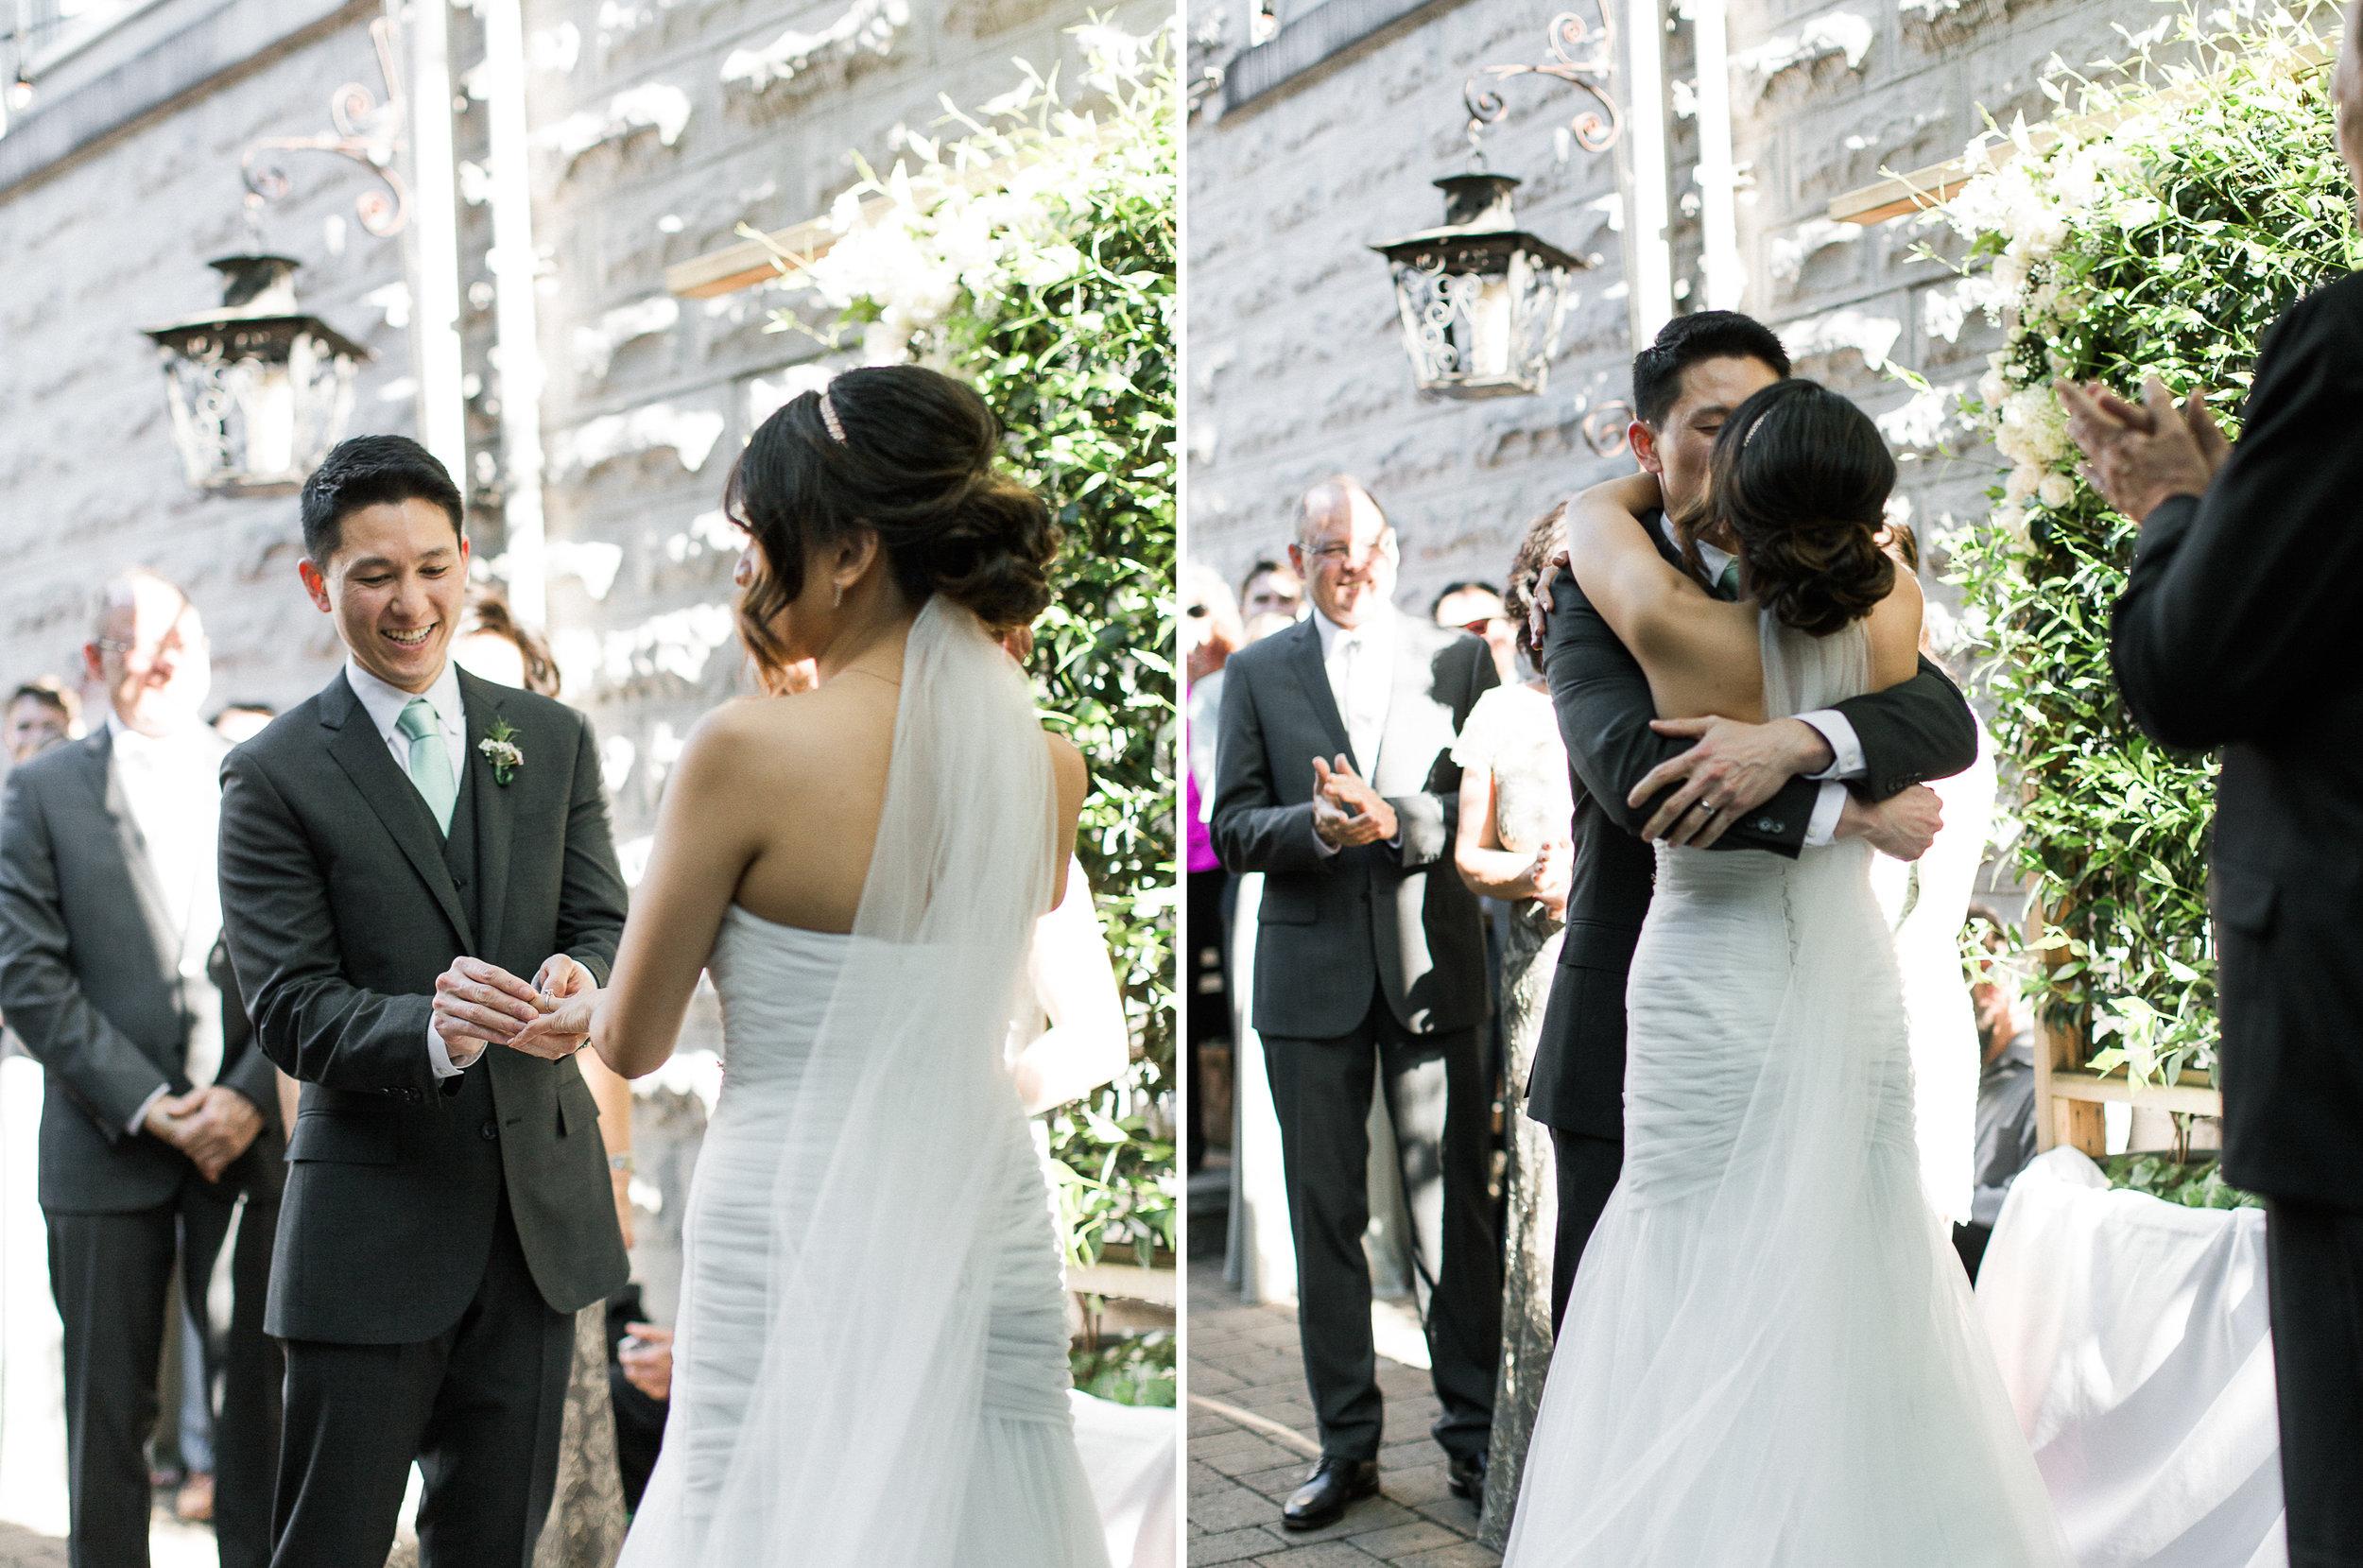 opal-28-urban-portland-greenery-wedding-18.jpg